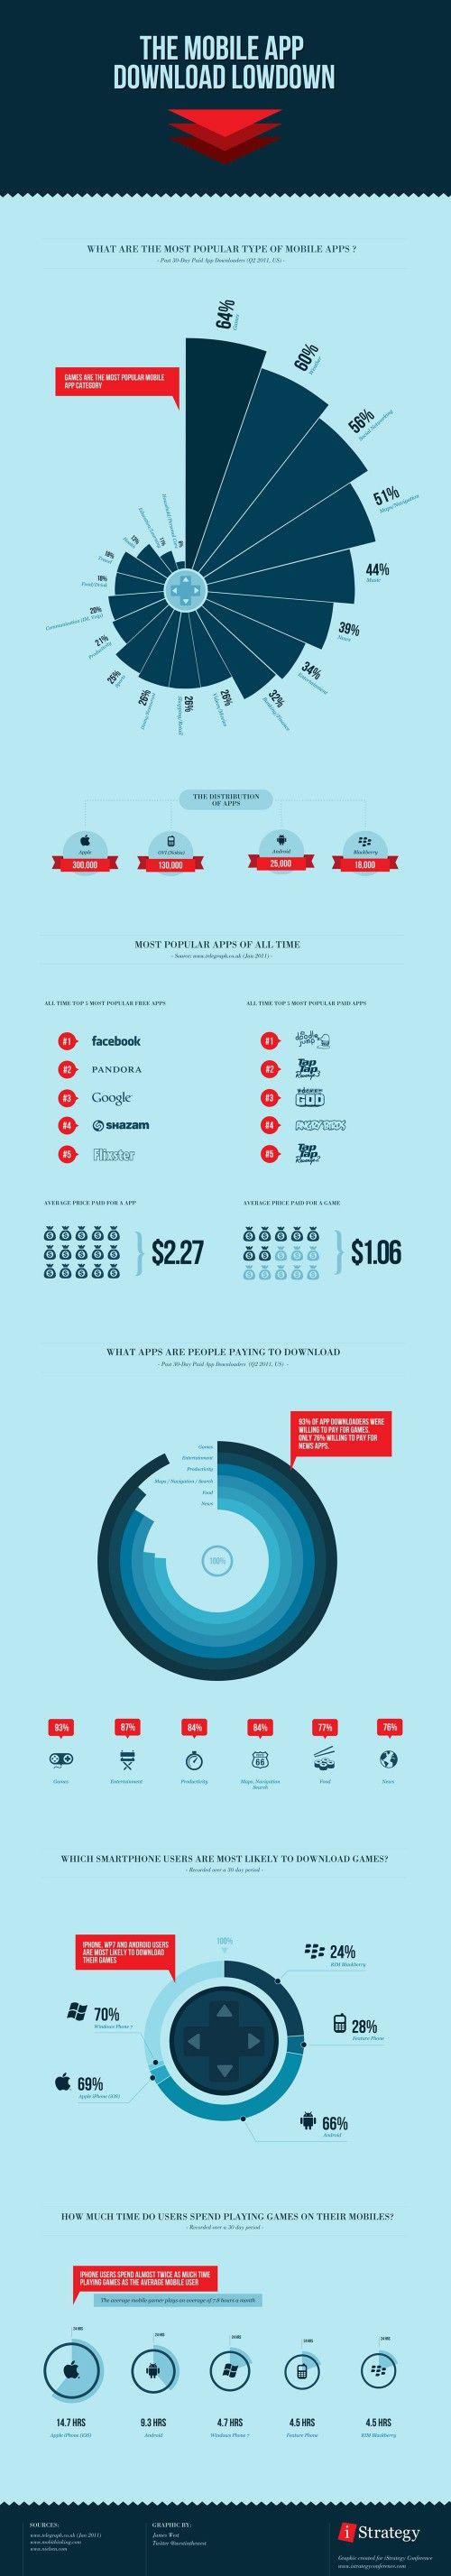 [Infographie] 64% des mobinautes téléchargent des jeux !